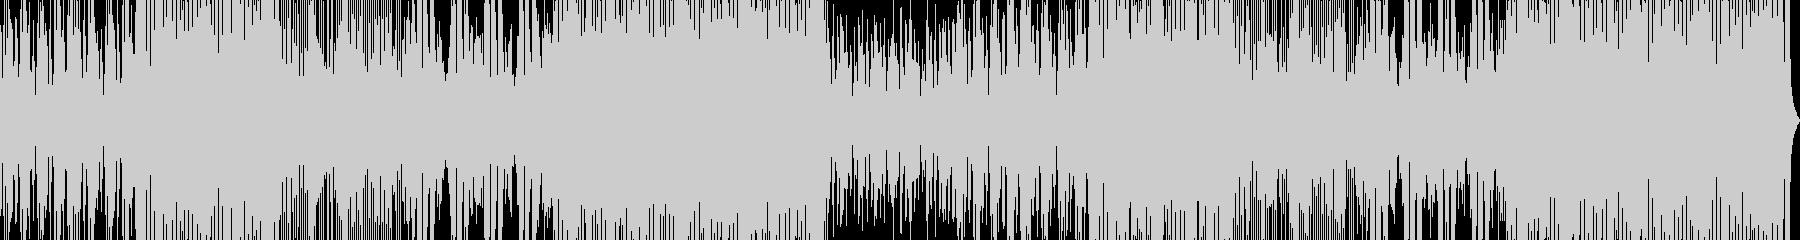 生三味線と和太鼓 疾走感のある和風BGMの未再生の波形